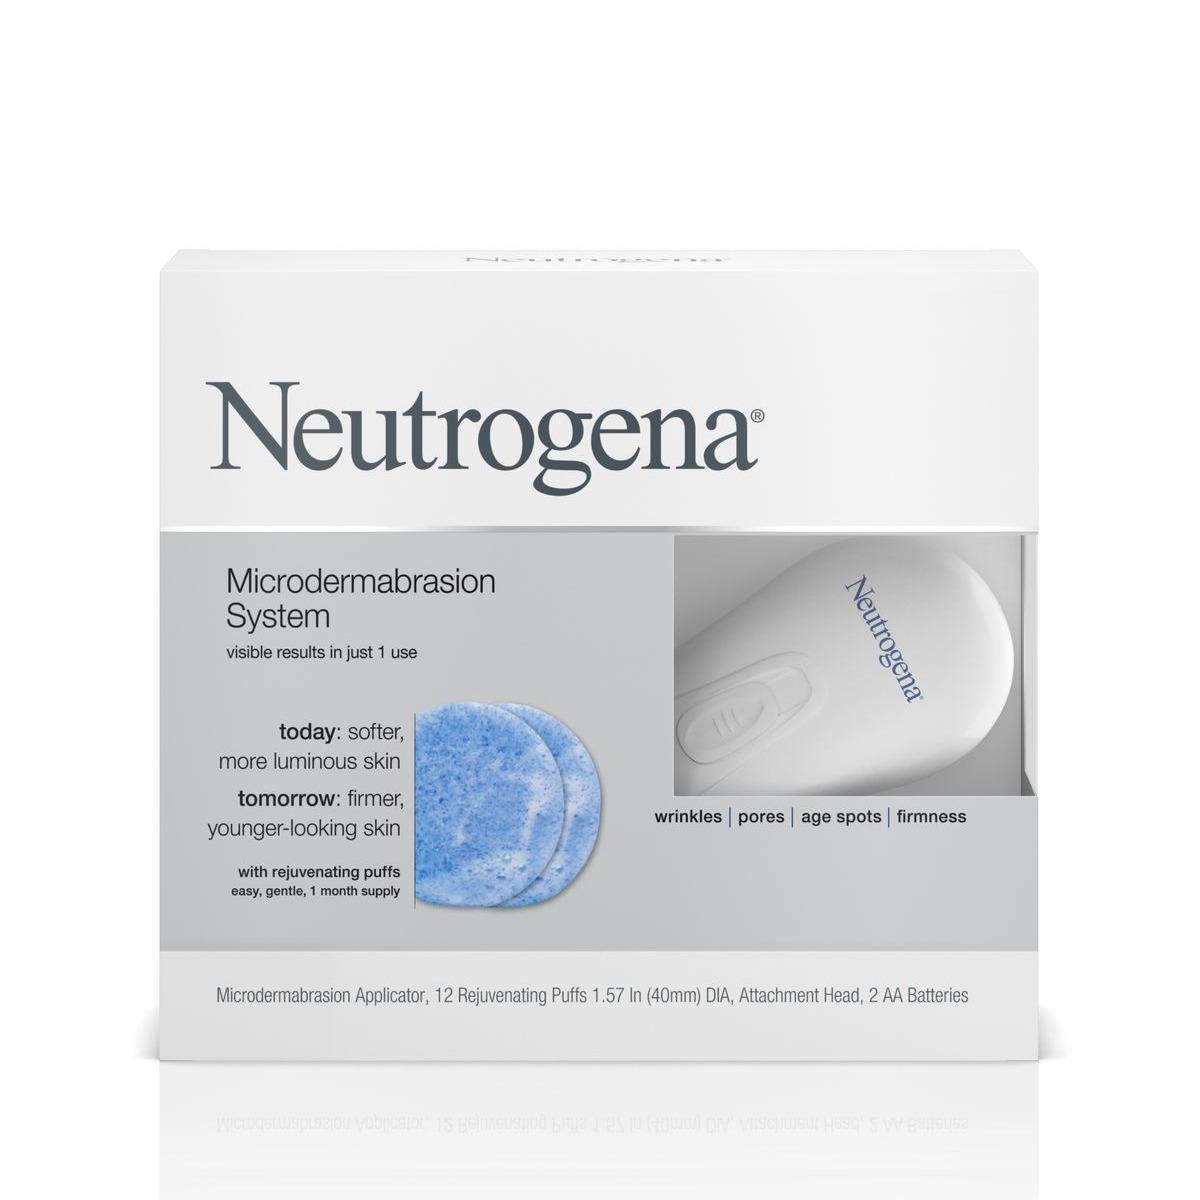 Neutrogena Microdermabrasic System